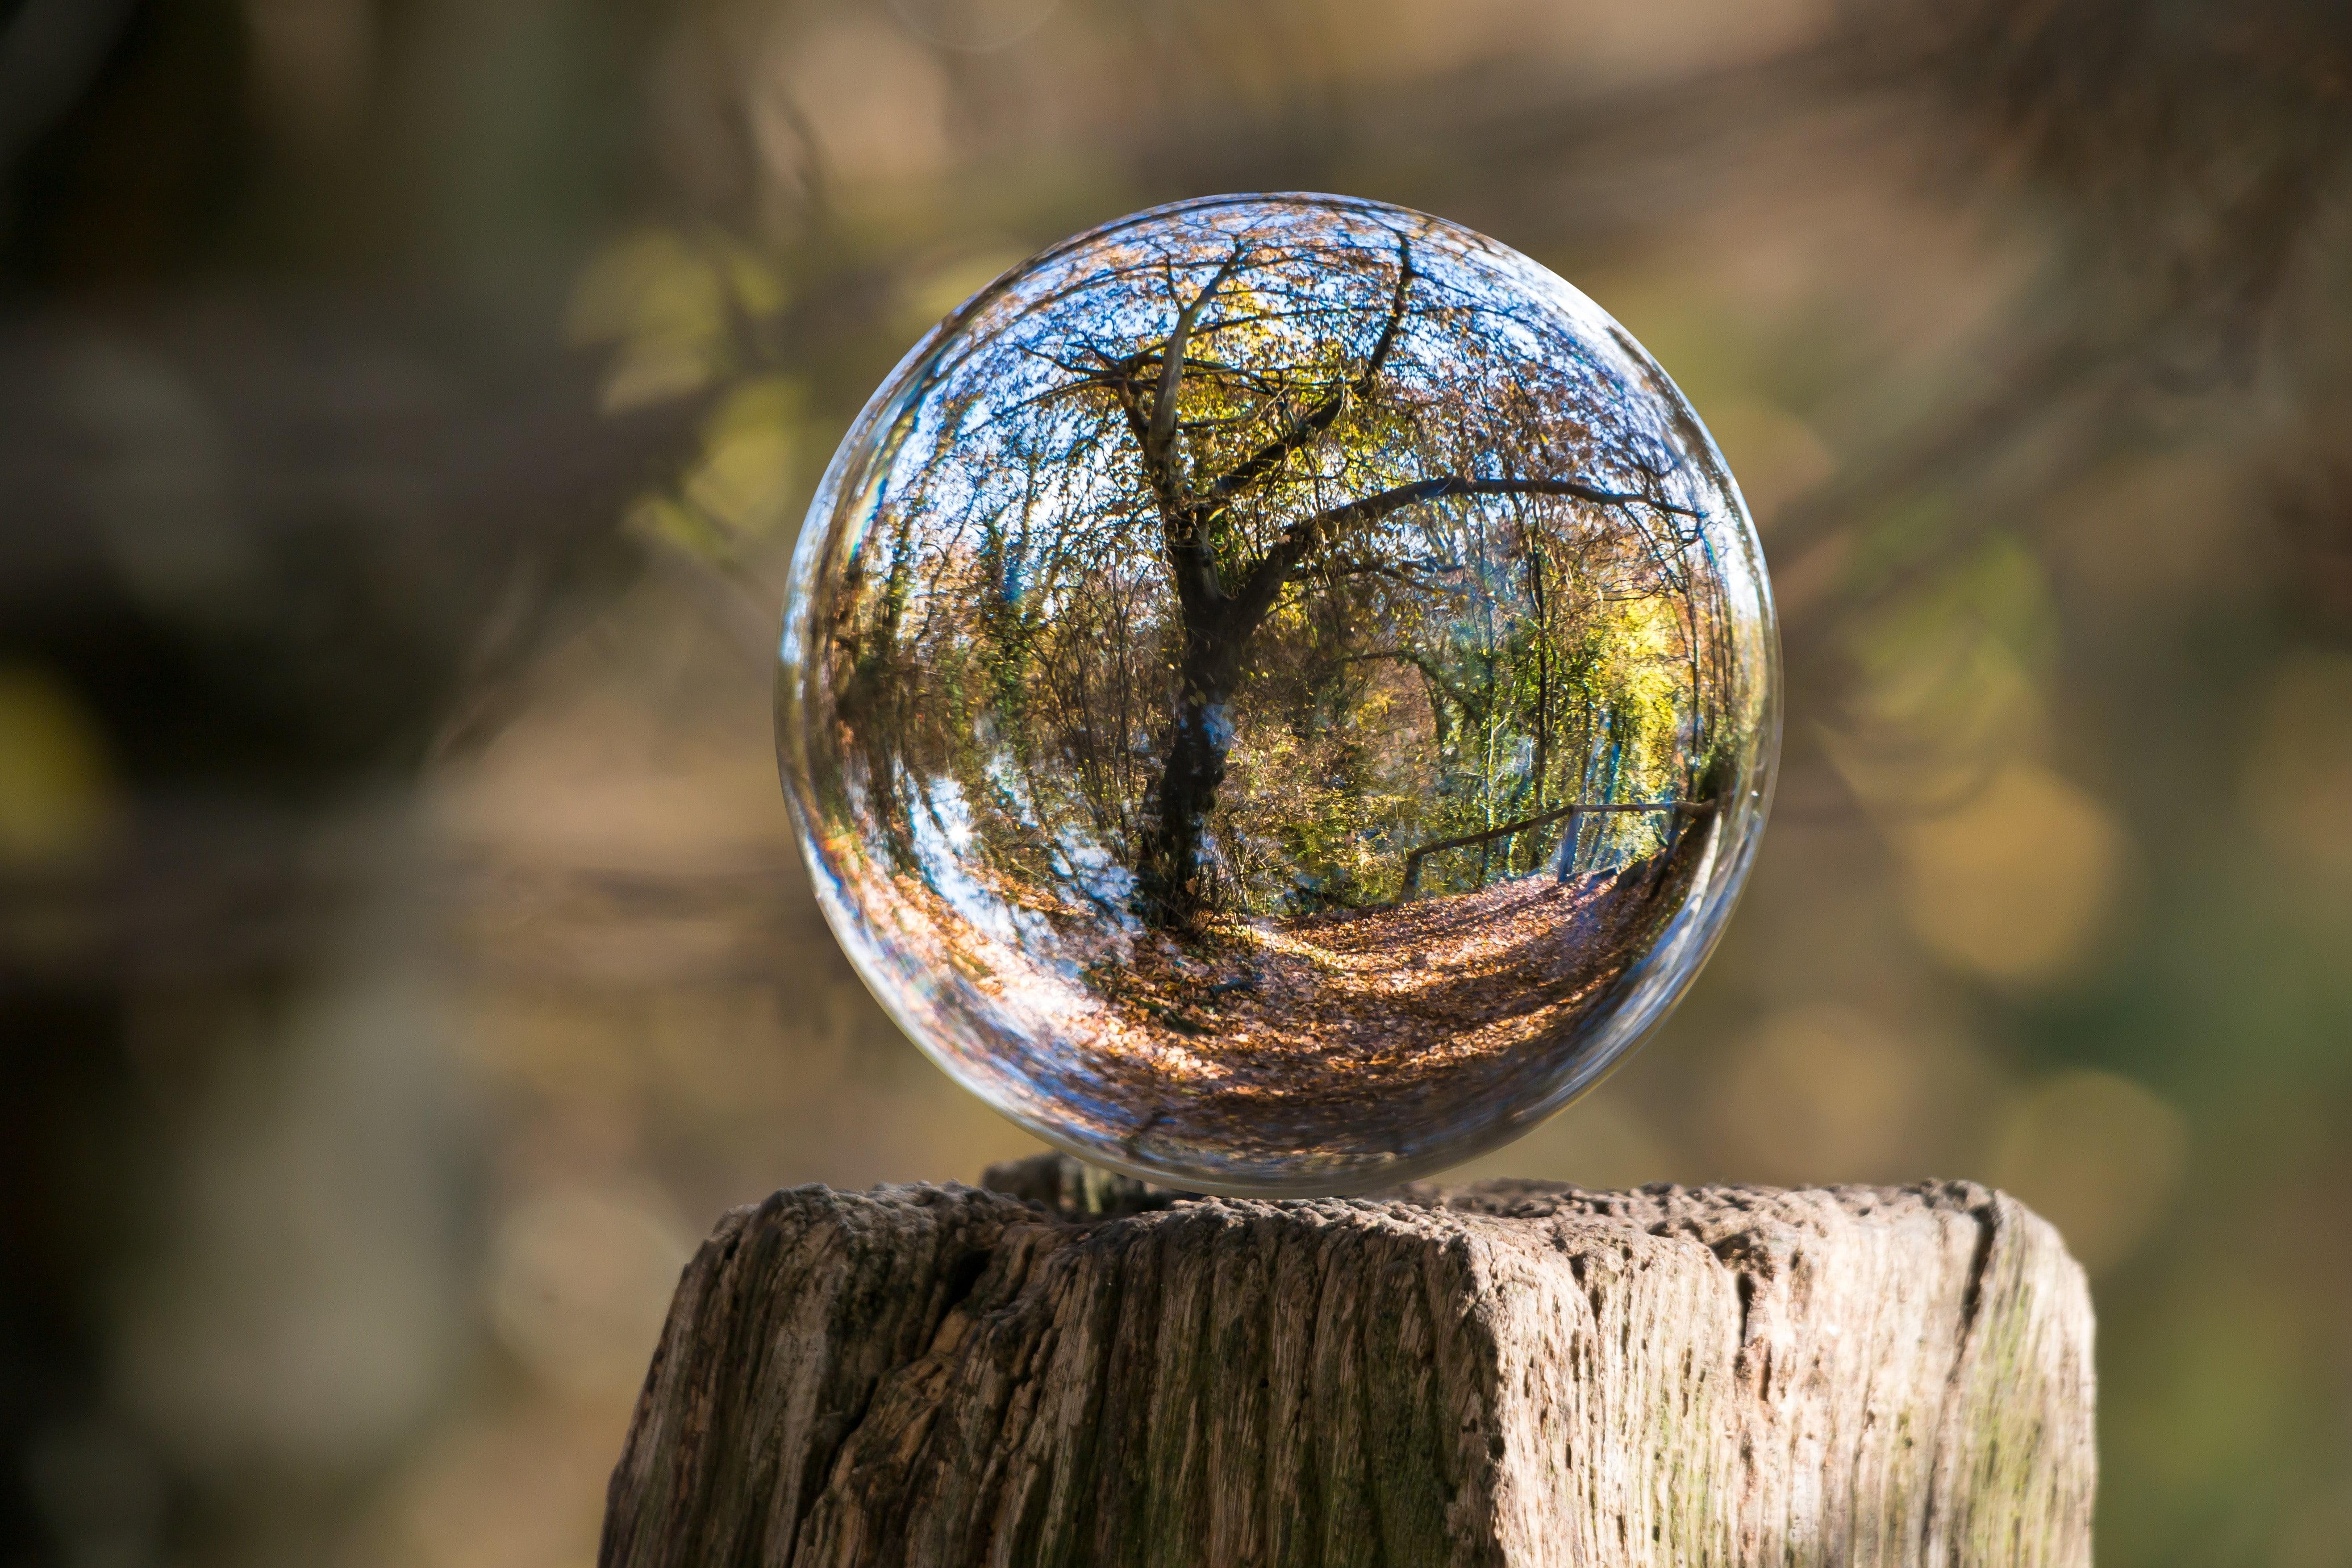 yeryüzünde tükenen maddeler, yaşam, Manşet, doğa, bilimsel gelişmeler, bilim